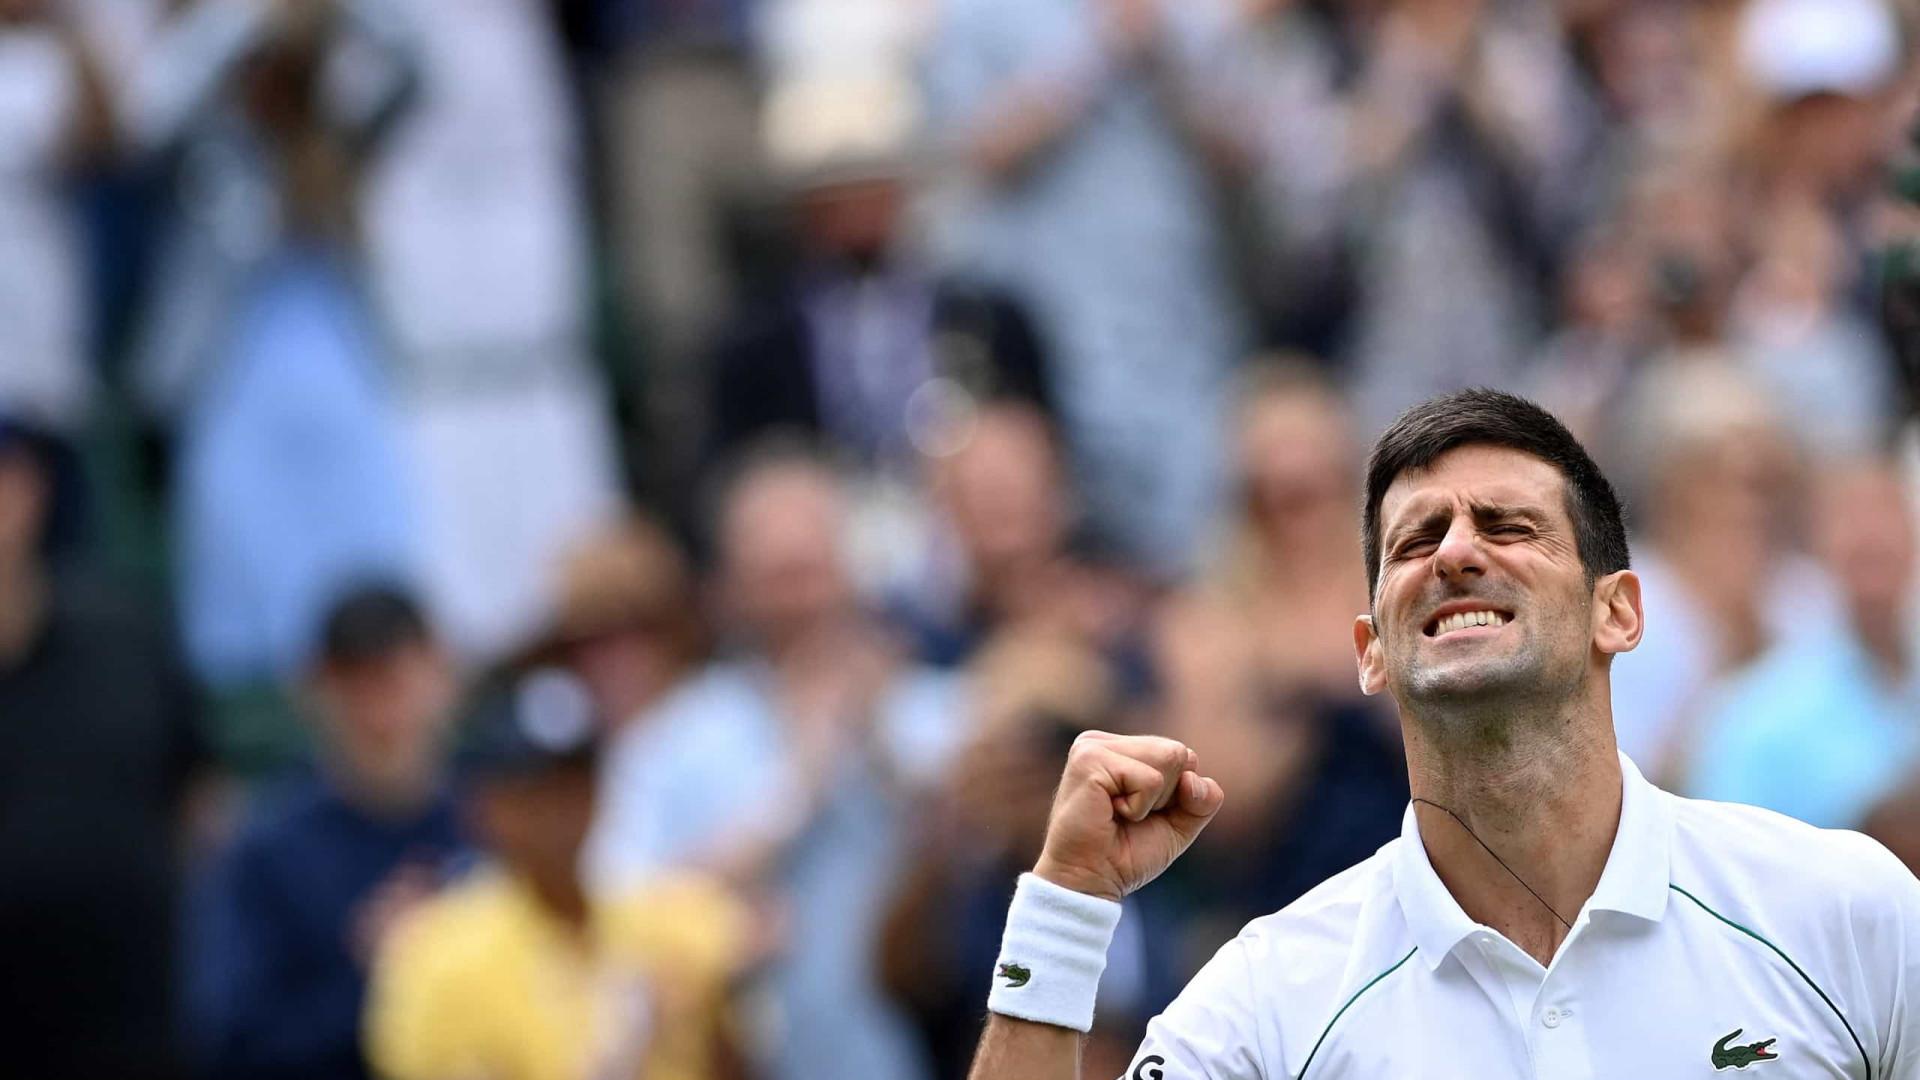 Djokovic estreia contra boliviano, e brasileiros dão azar no sorteio do tênis na Olimpíada